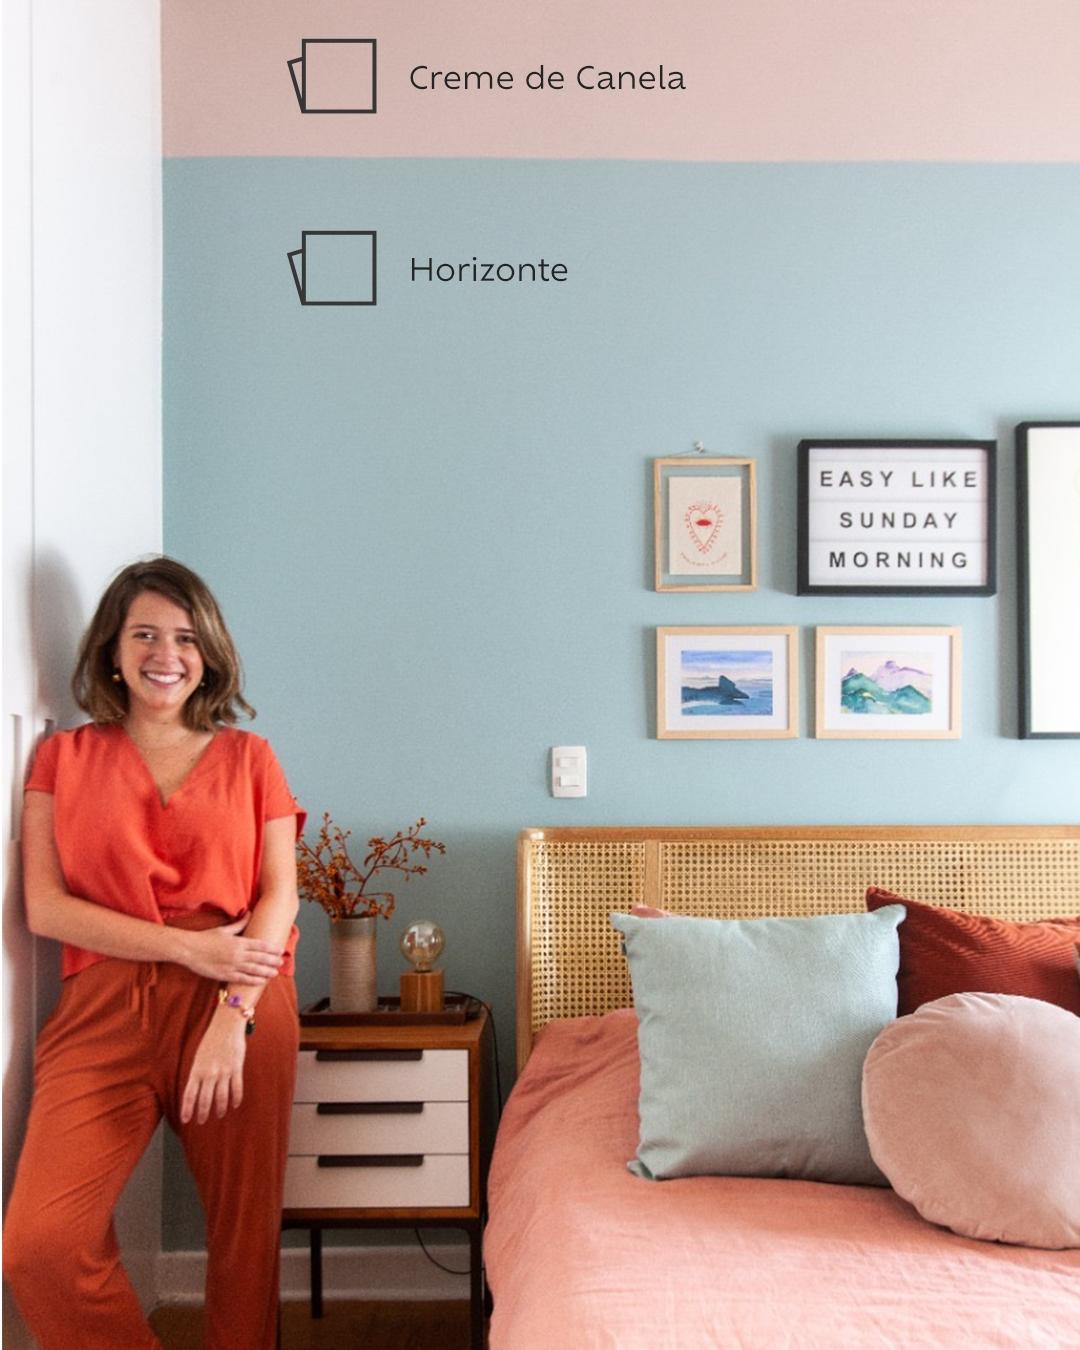 Foto do quarto na mesma perspectiva da foto anterior, com foco no lado esquerdo da cama, com a Duda Senna de macacão laranja apoiada na parede ao lado da cama.